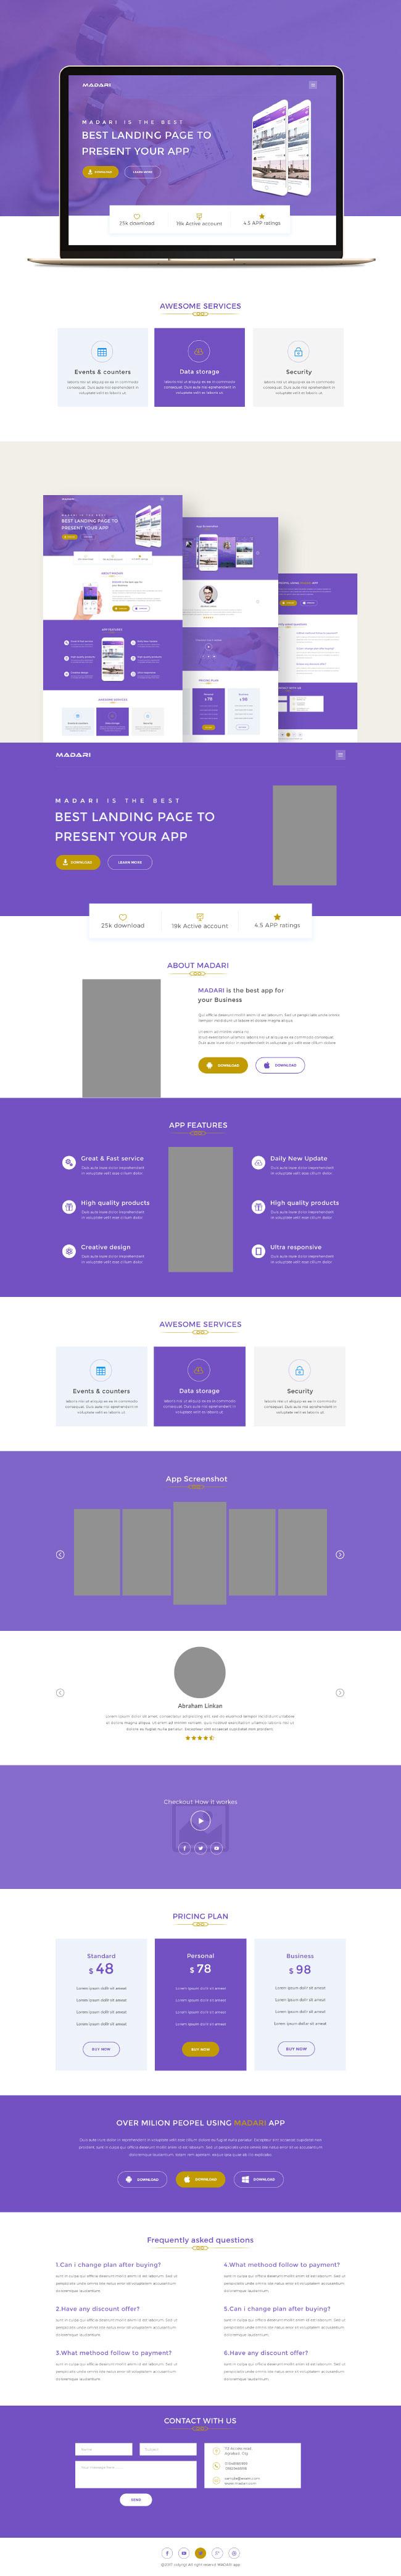 p434 - طرح آماده رایگان سایت خدمات شرکت تجاری بازرگانی وب نرم افزارهای اندرویدی و ios